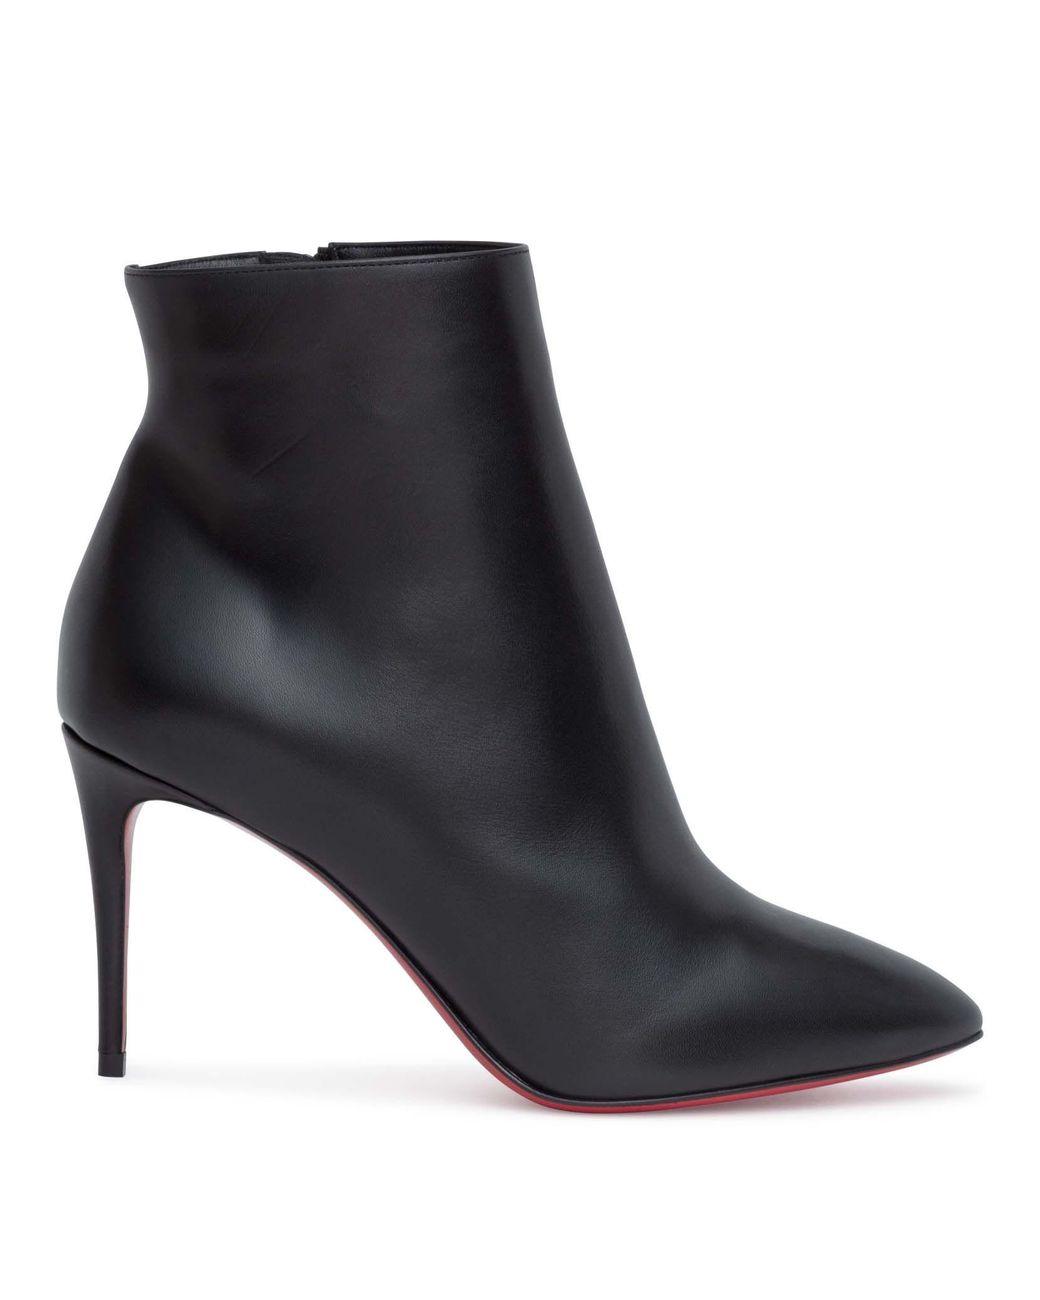 sale retailer de865 91d97 Women's Eloise 85 Black Ankle Boots